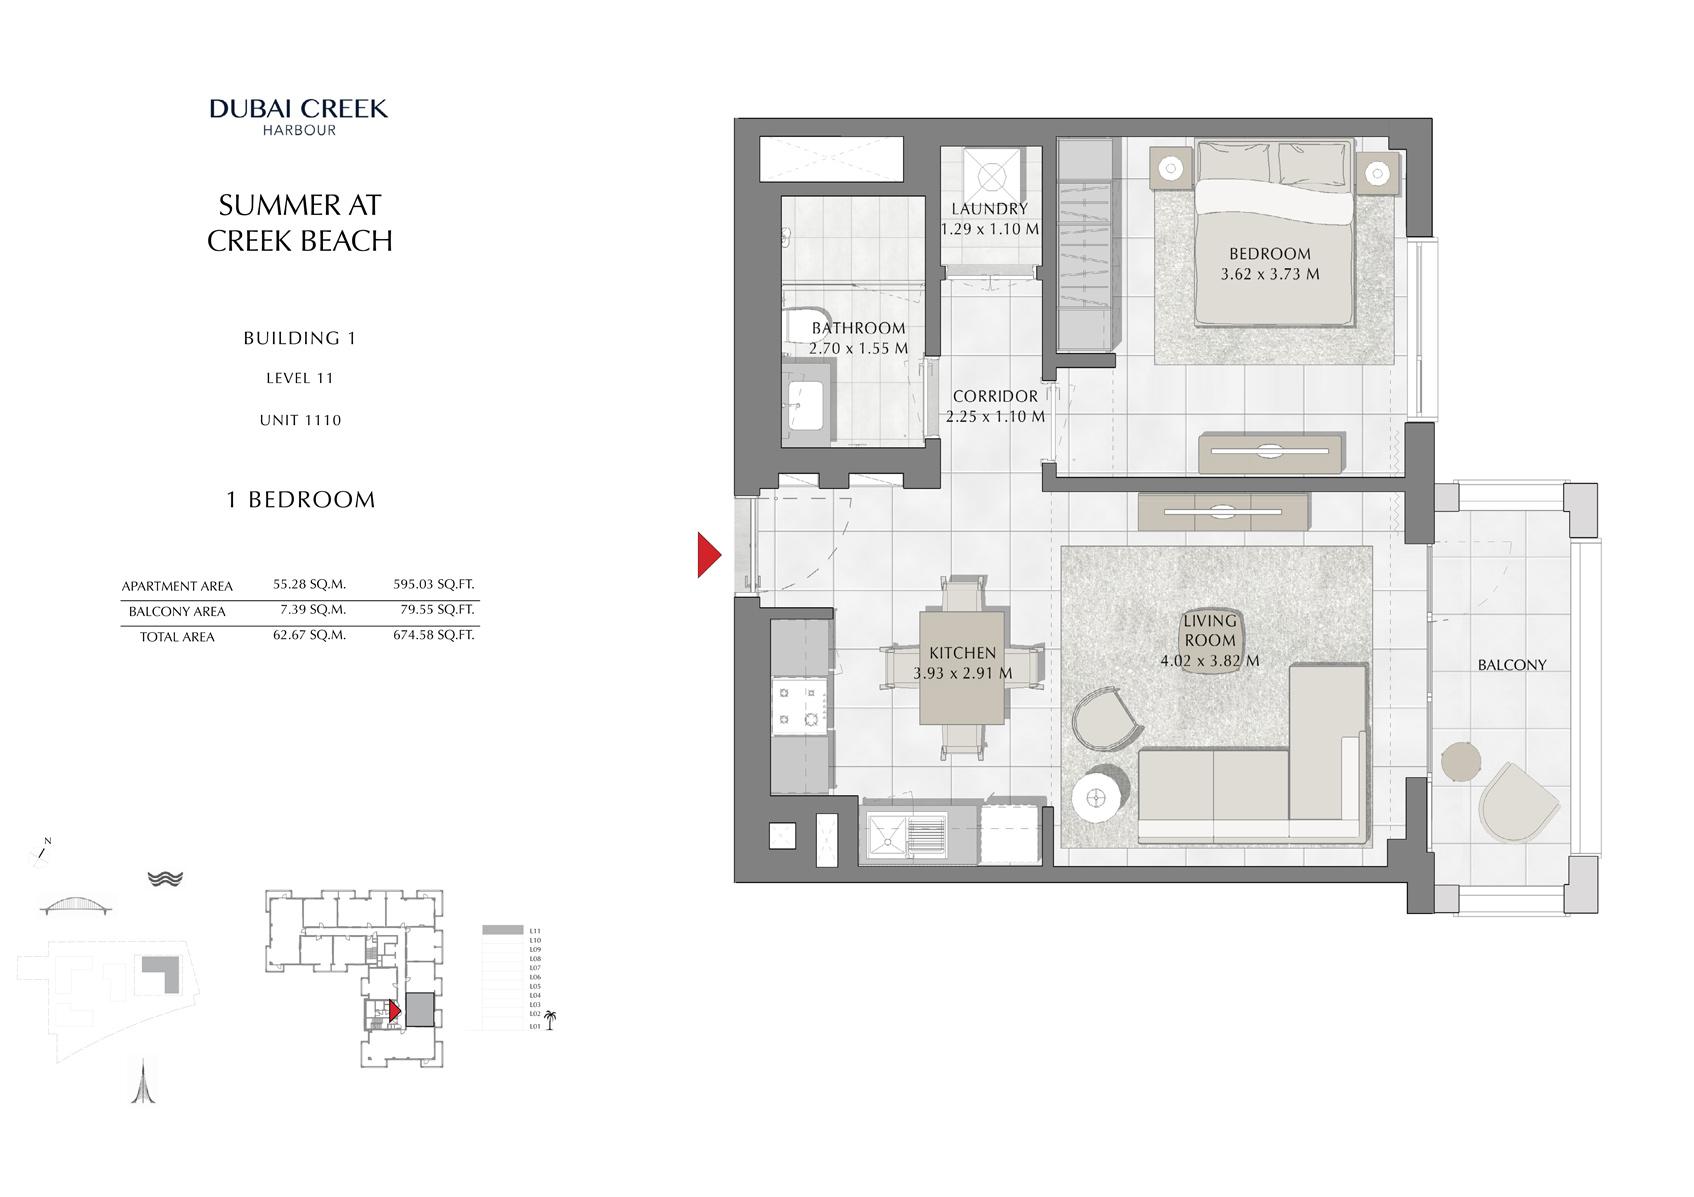 1 Br Building 1 Level 11 Unit 1110, Size 674 Sq Ft